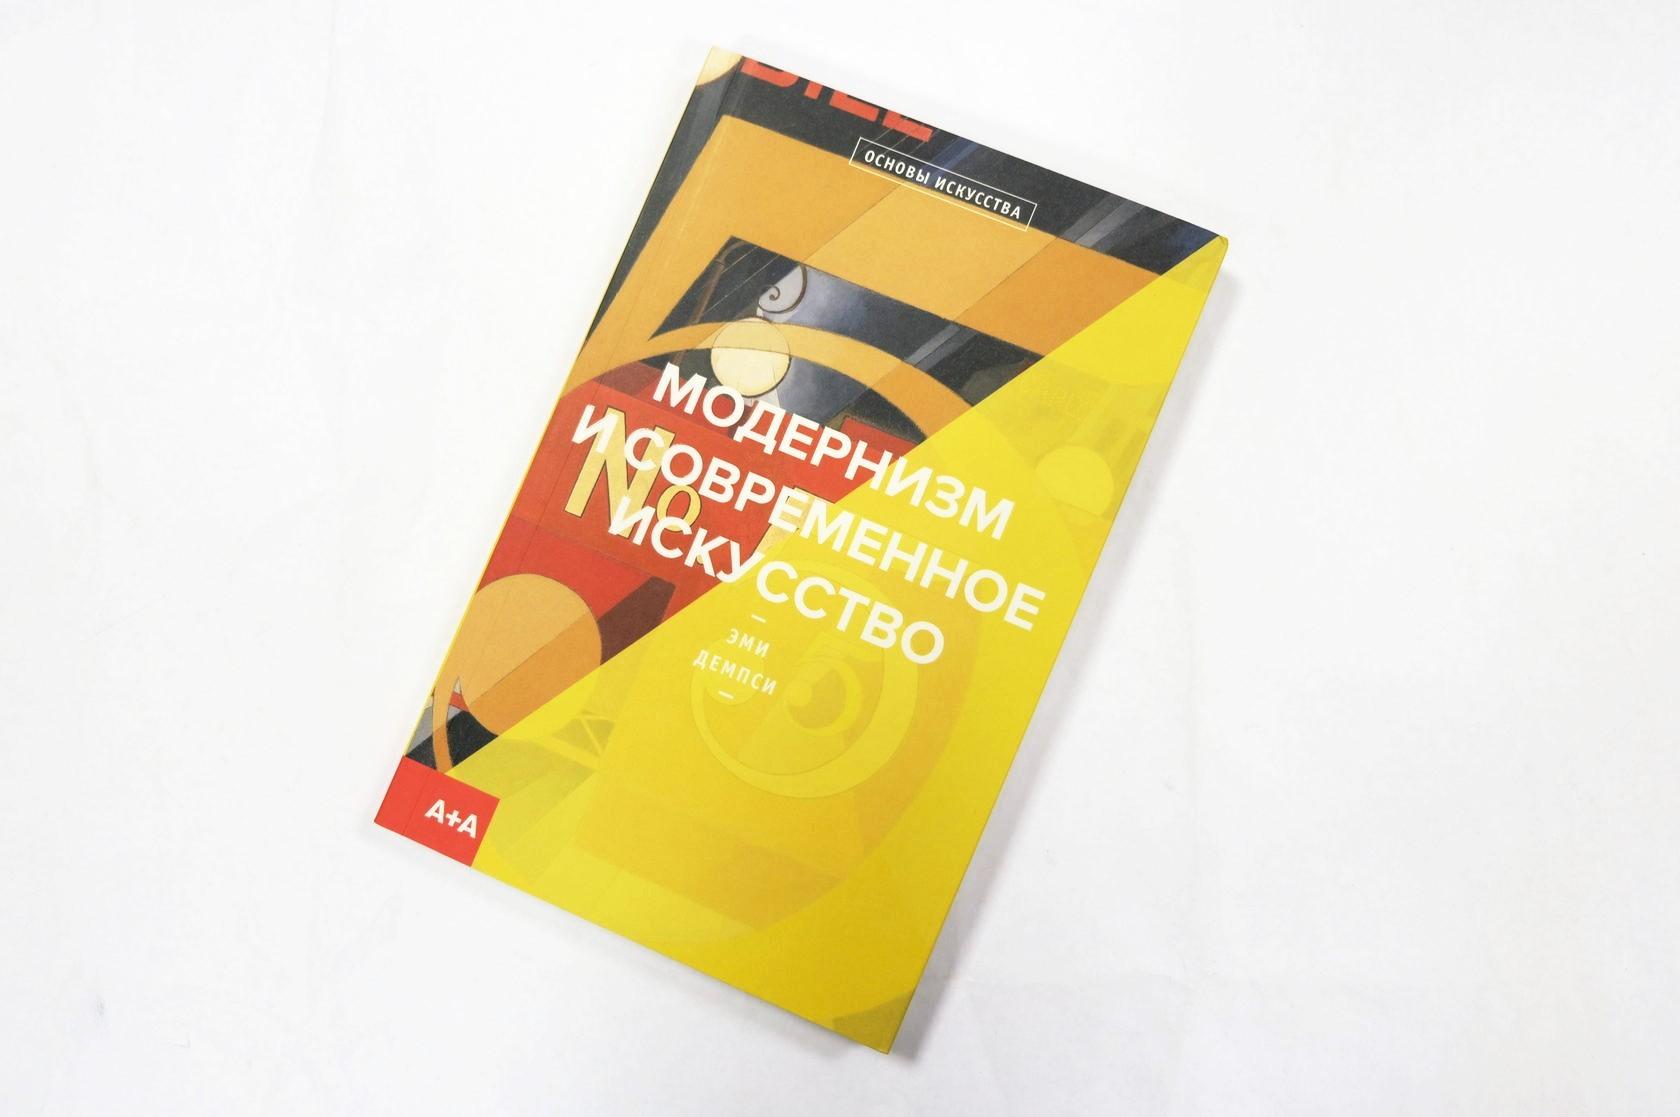 «Модернизм и современное искусство» Эми Демпси